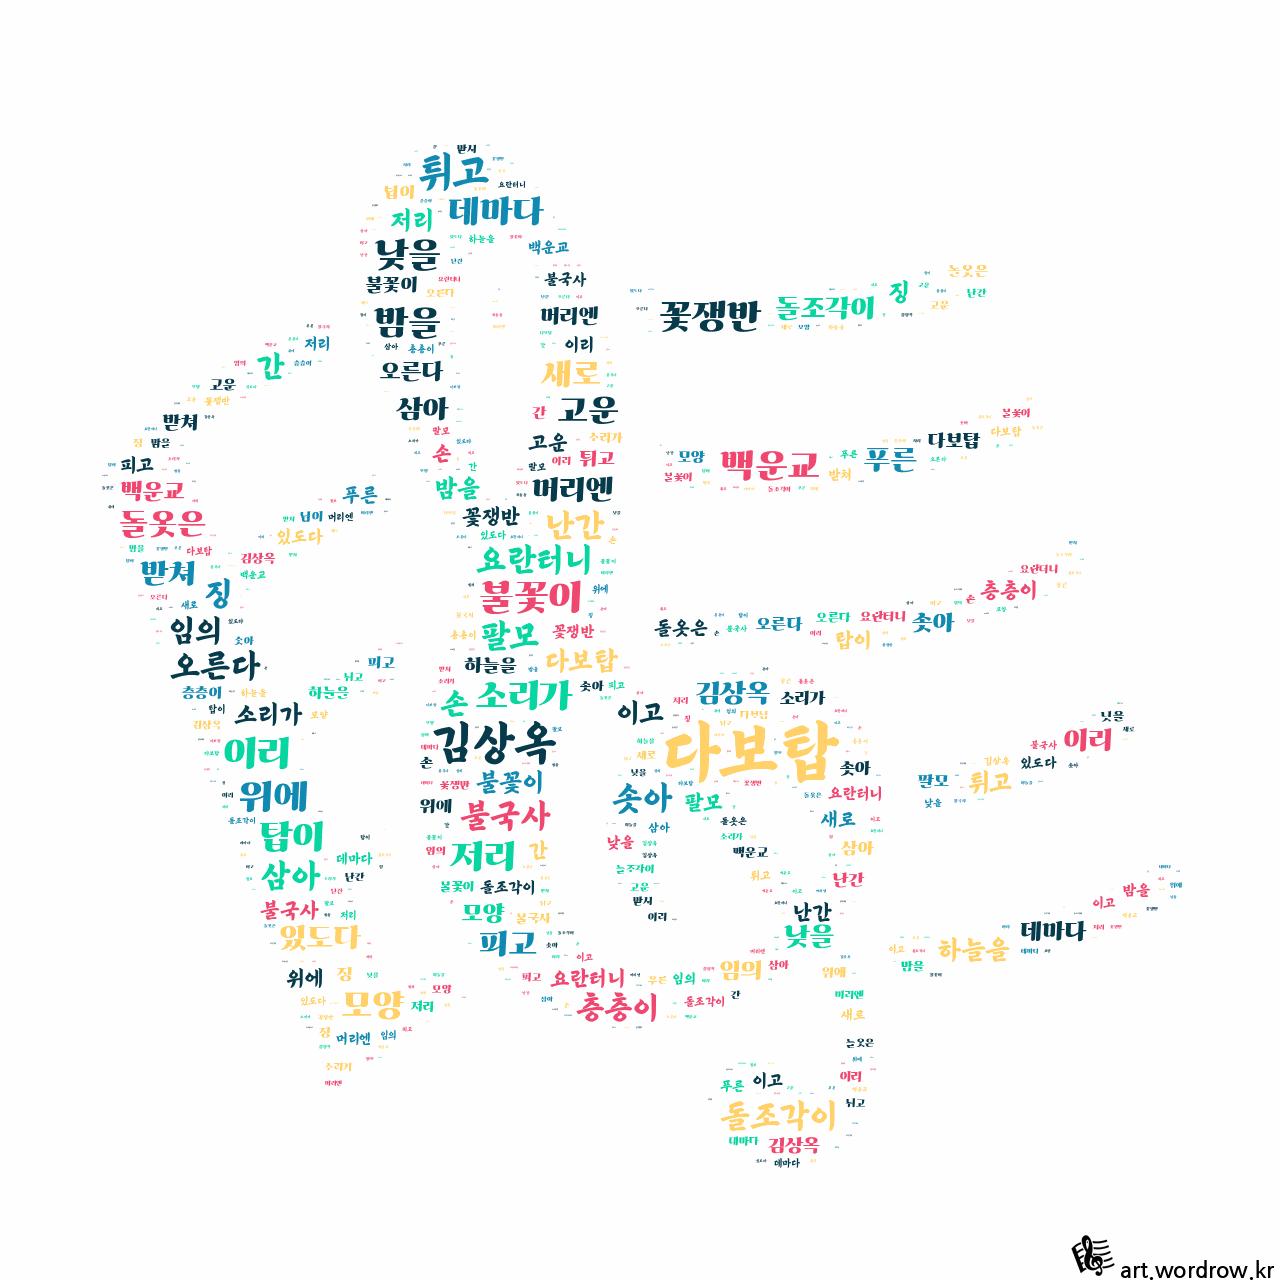 워드 클라우드: 다보탑 [김상옥]-58